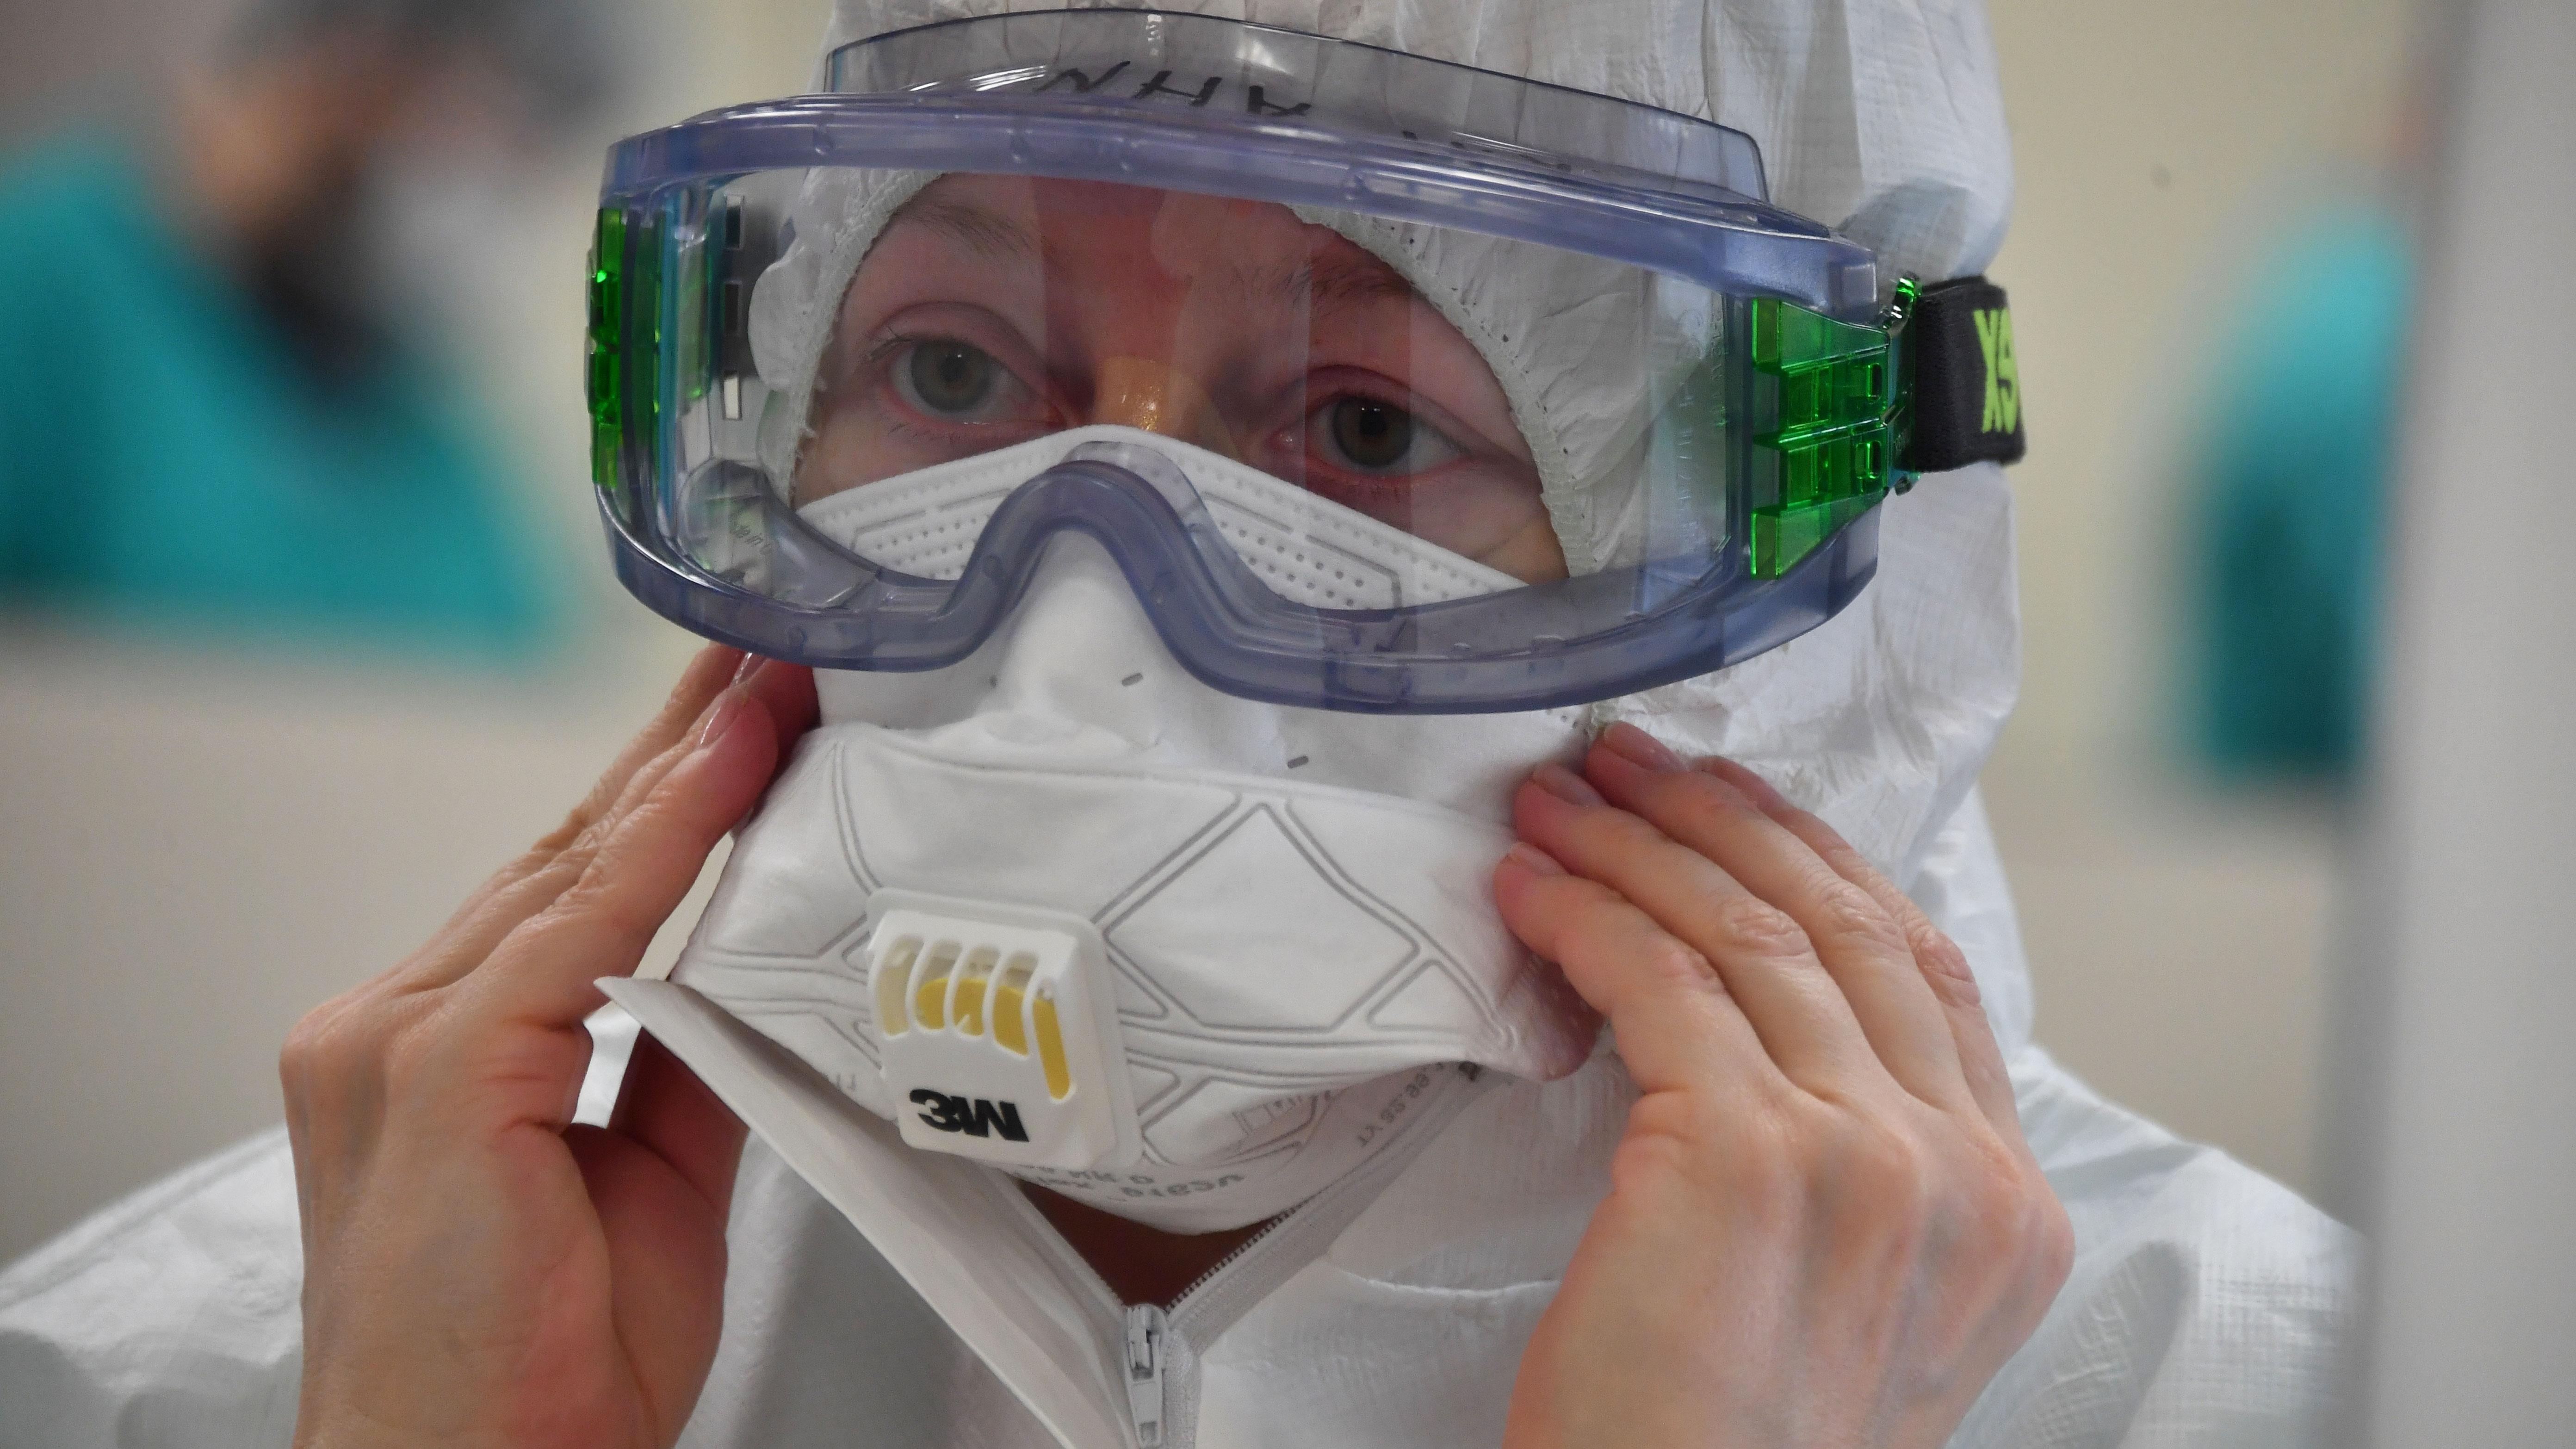 Вышедшего из комы жителя Москвы удивили ограничения из-за коронавируса